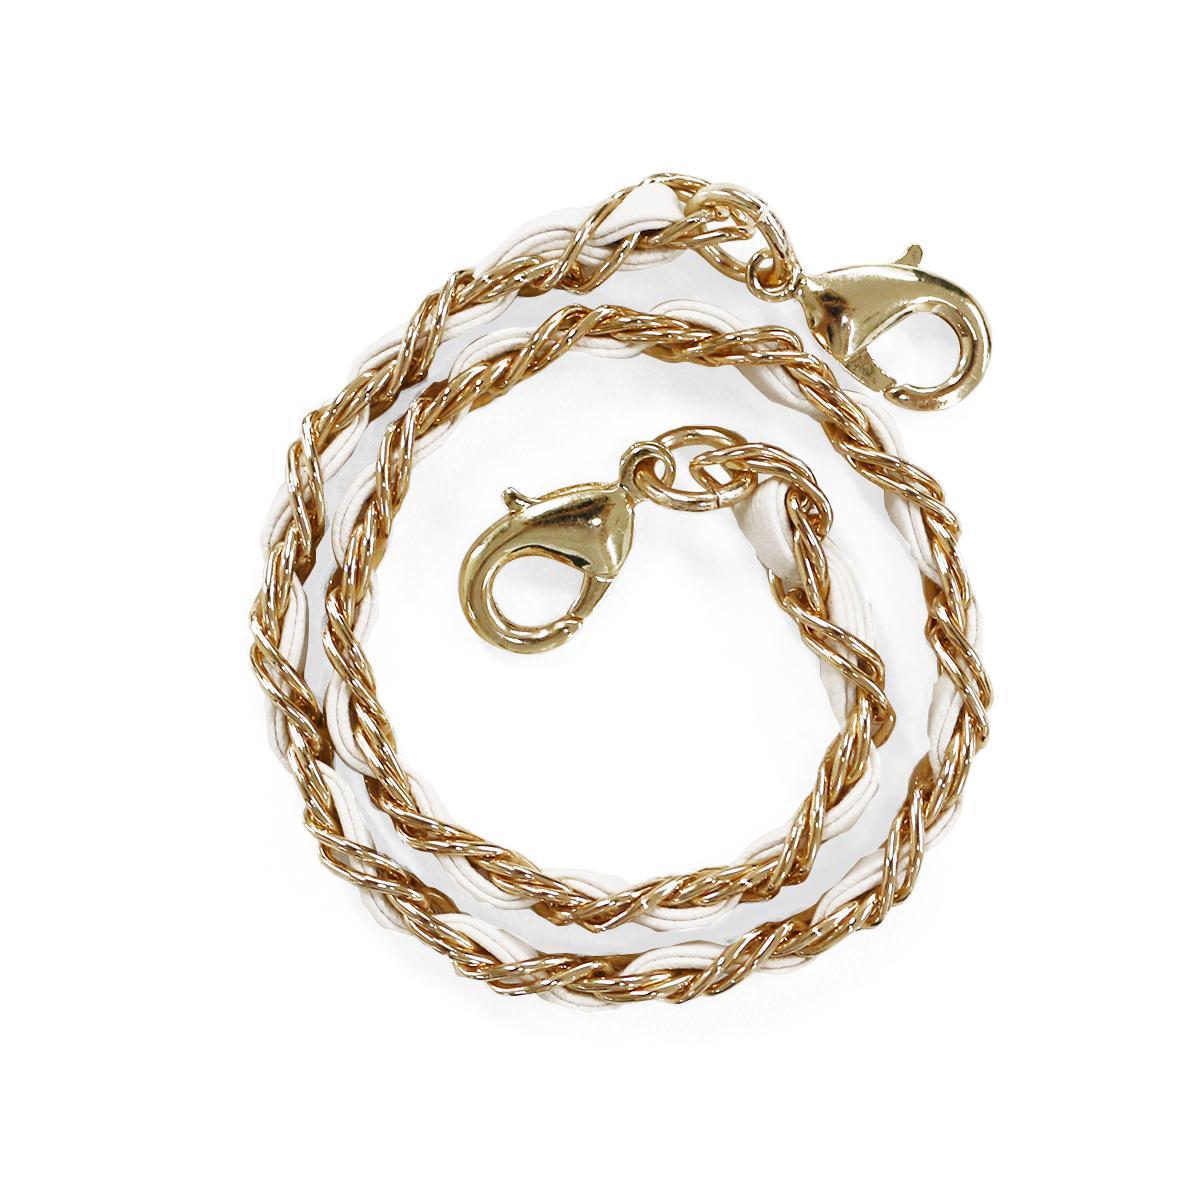 ストラップ abbi Leather Chain Short Strap(アビィ レザーチェーン ショートストラップ)30cm ショートサイズ ハンドバッグ風